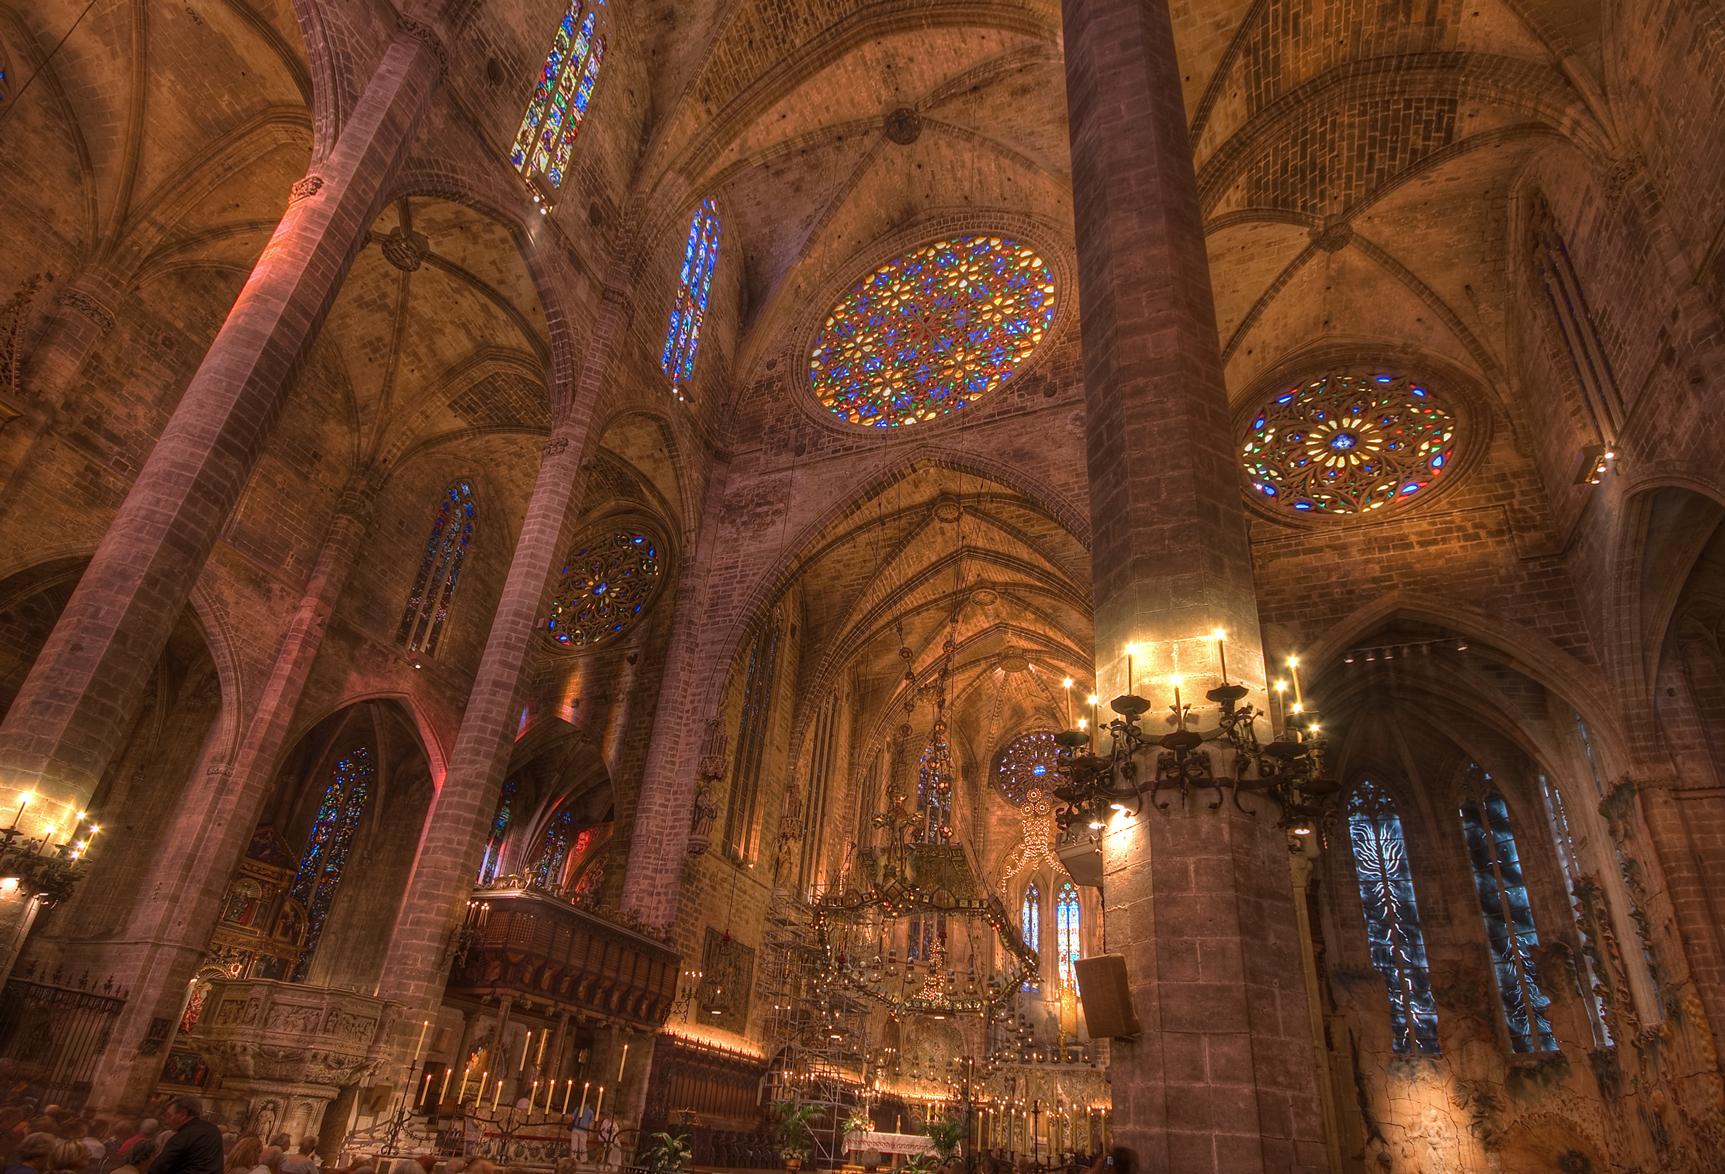 Catedral de Palma de Mallorca (Interior)